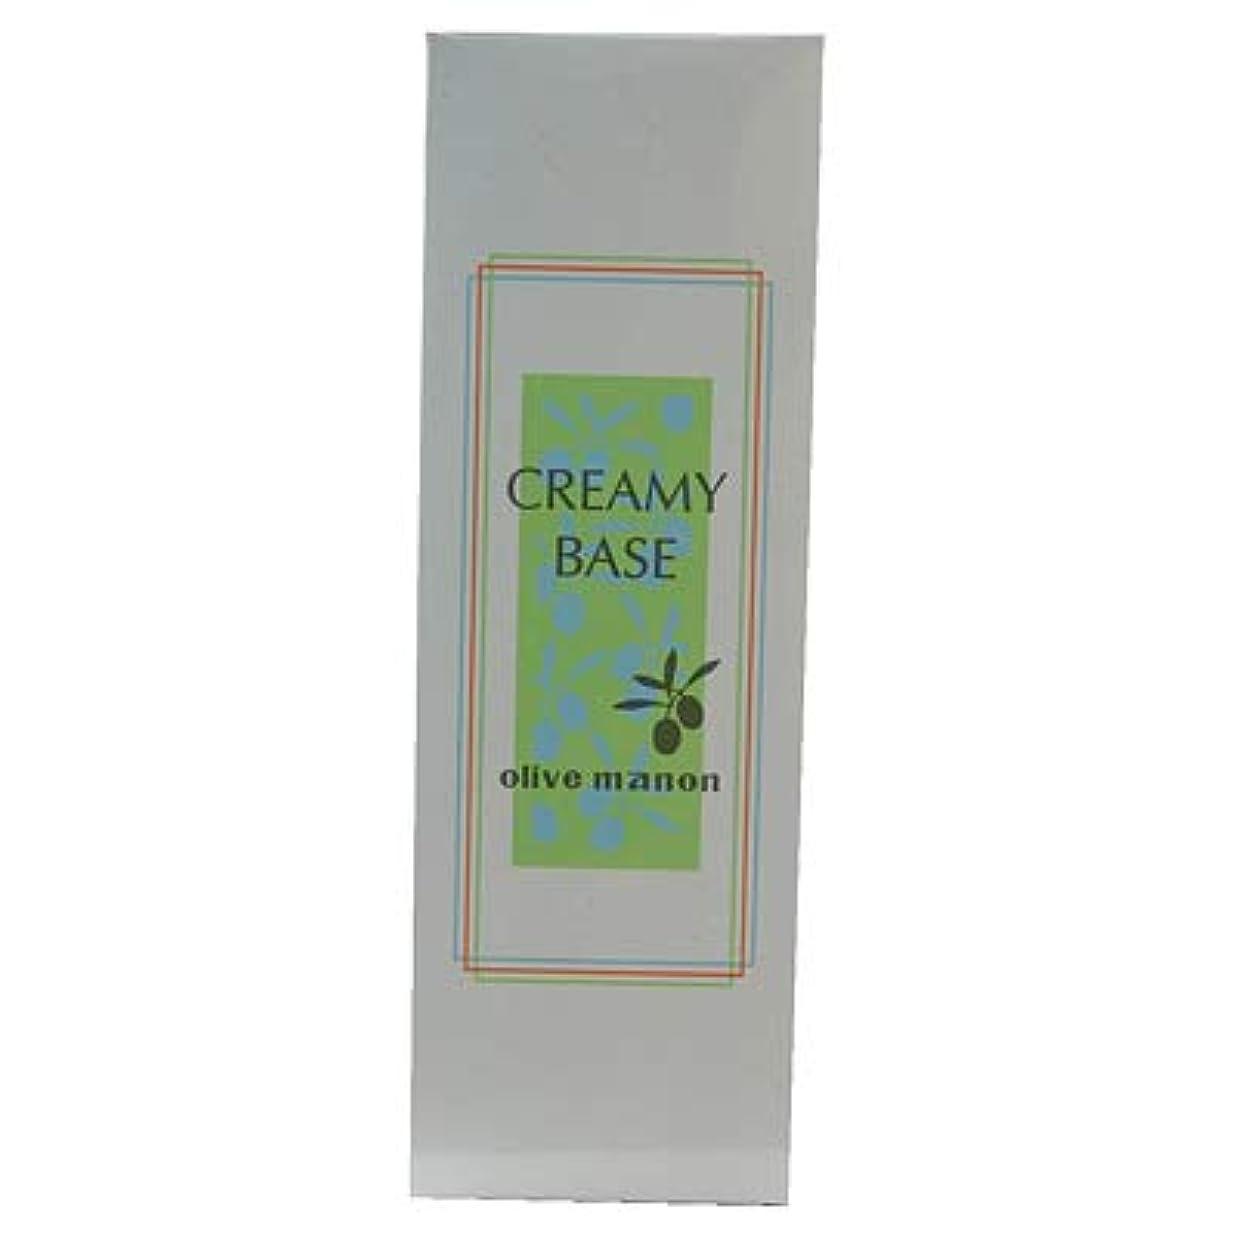 プラスチック変な汗オリーブマノン クリーミィベース (25g)